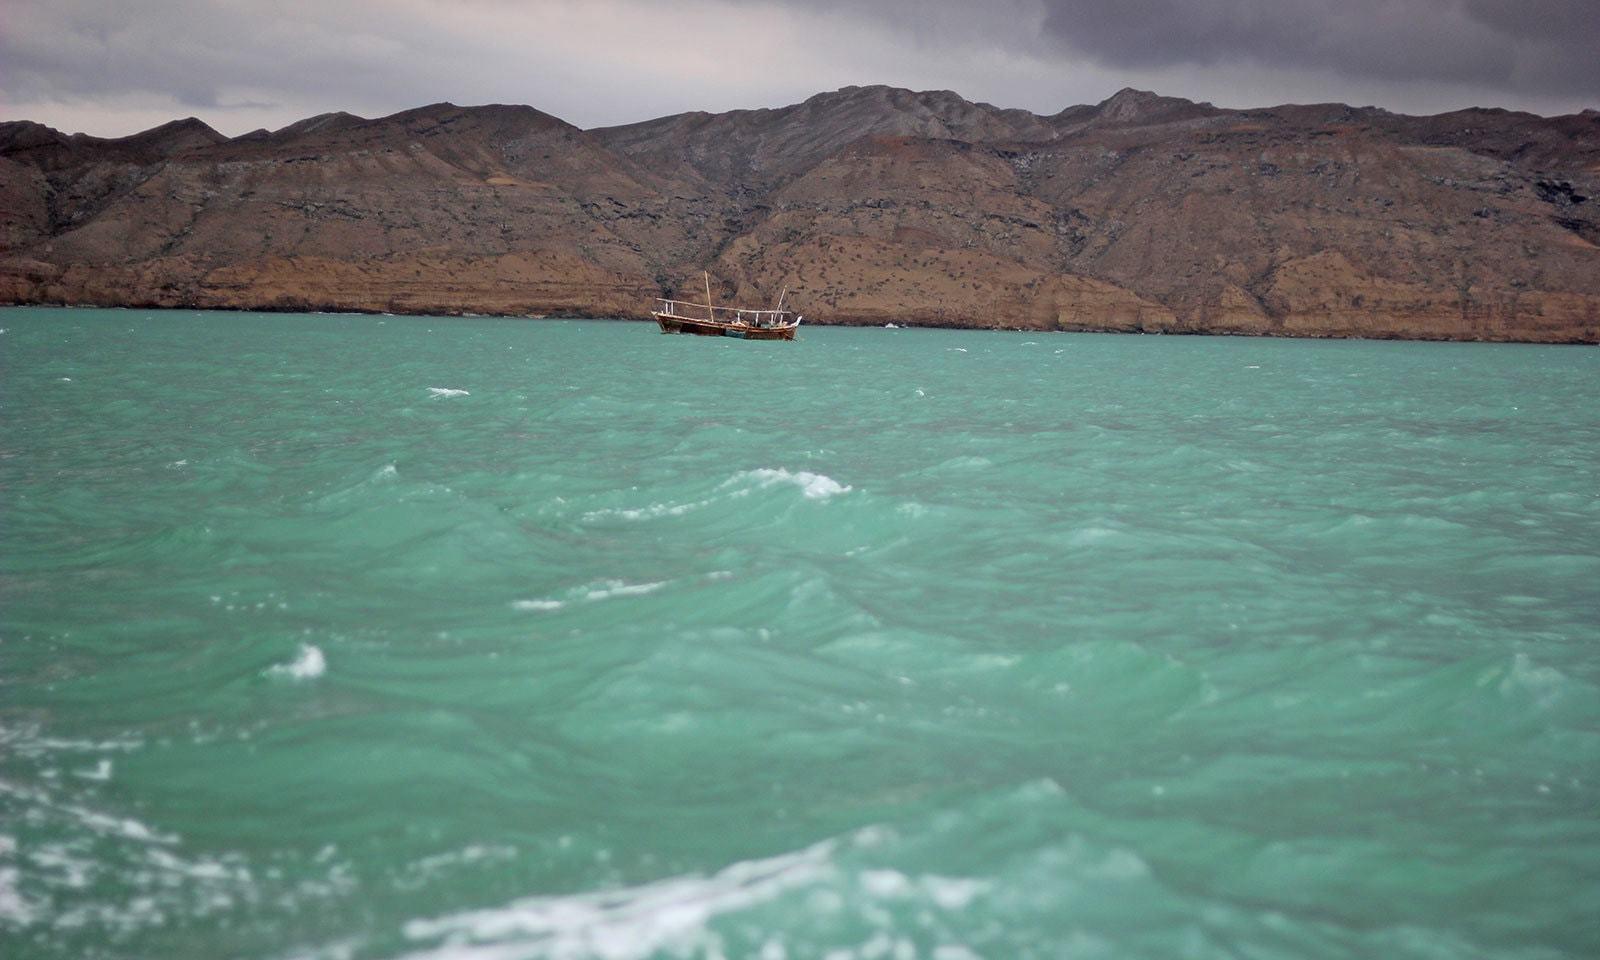 مکران کے ساحل پر غیر ملکی ٹرالرز پر پابندی کا مطالبہ